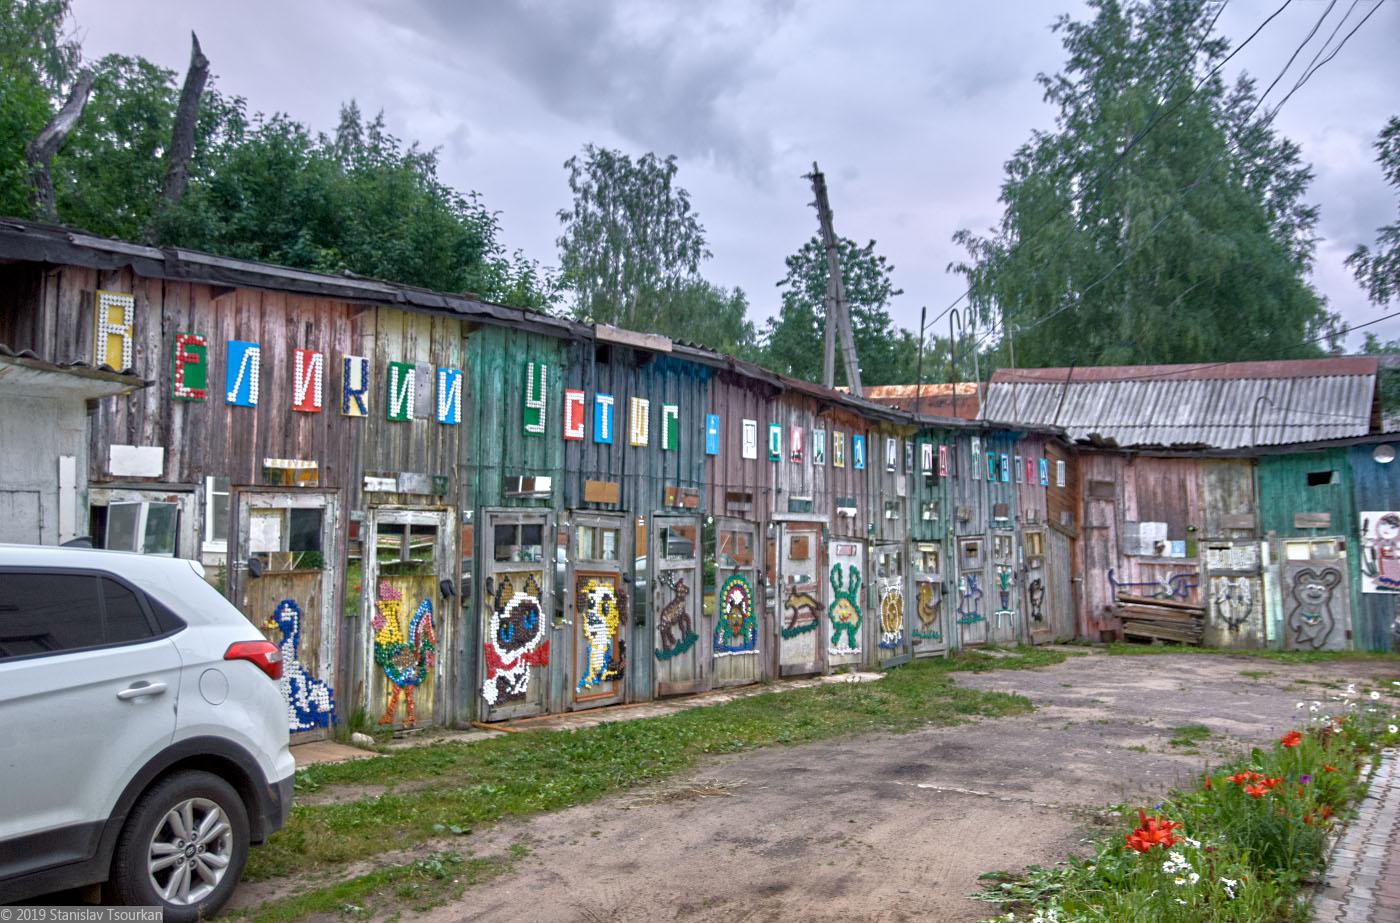 Вологодская область, Вологодчина, Великий устюг, Русский север, креатив